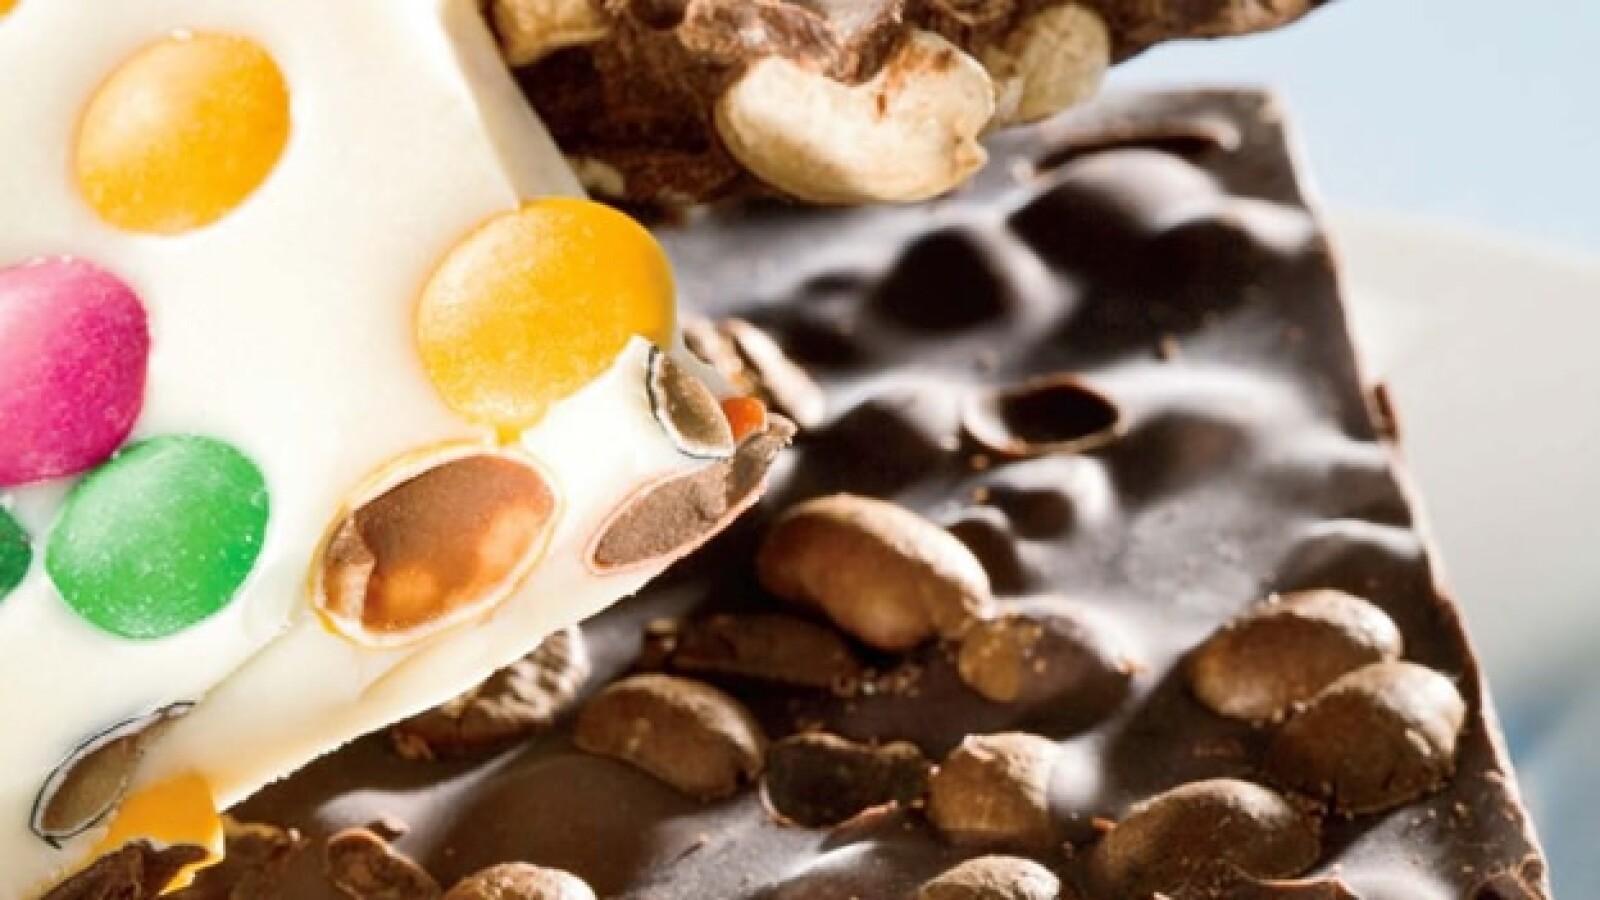 Crackers es la presentación en bruto de una barra de chocolate. Una porción de chocolate macizo con inifitas combinaciones inscrustadas. Tip: Acompáñalos con un espresso.